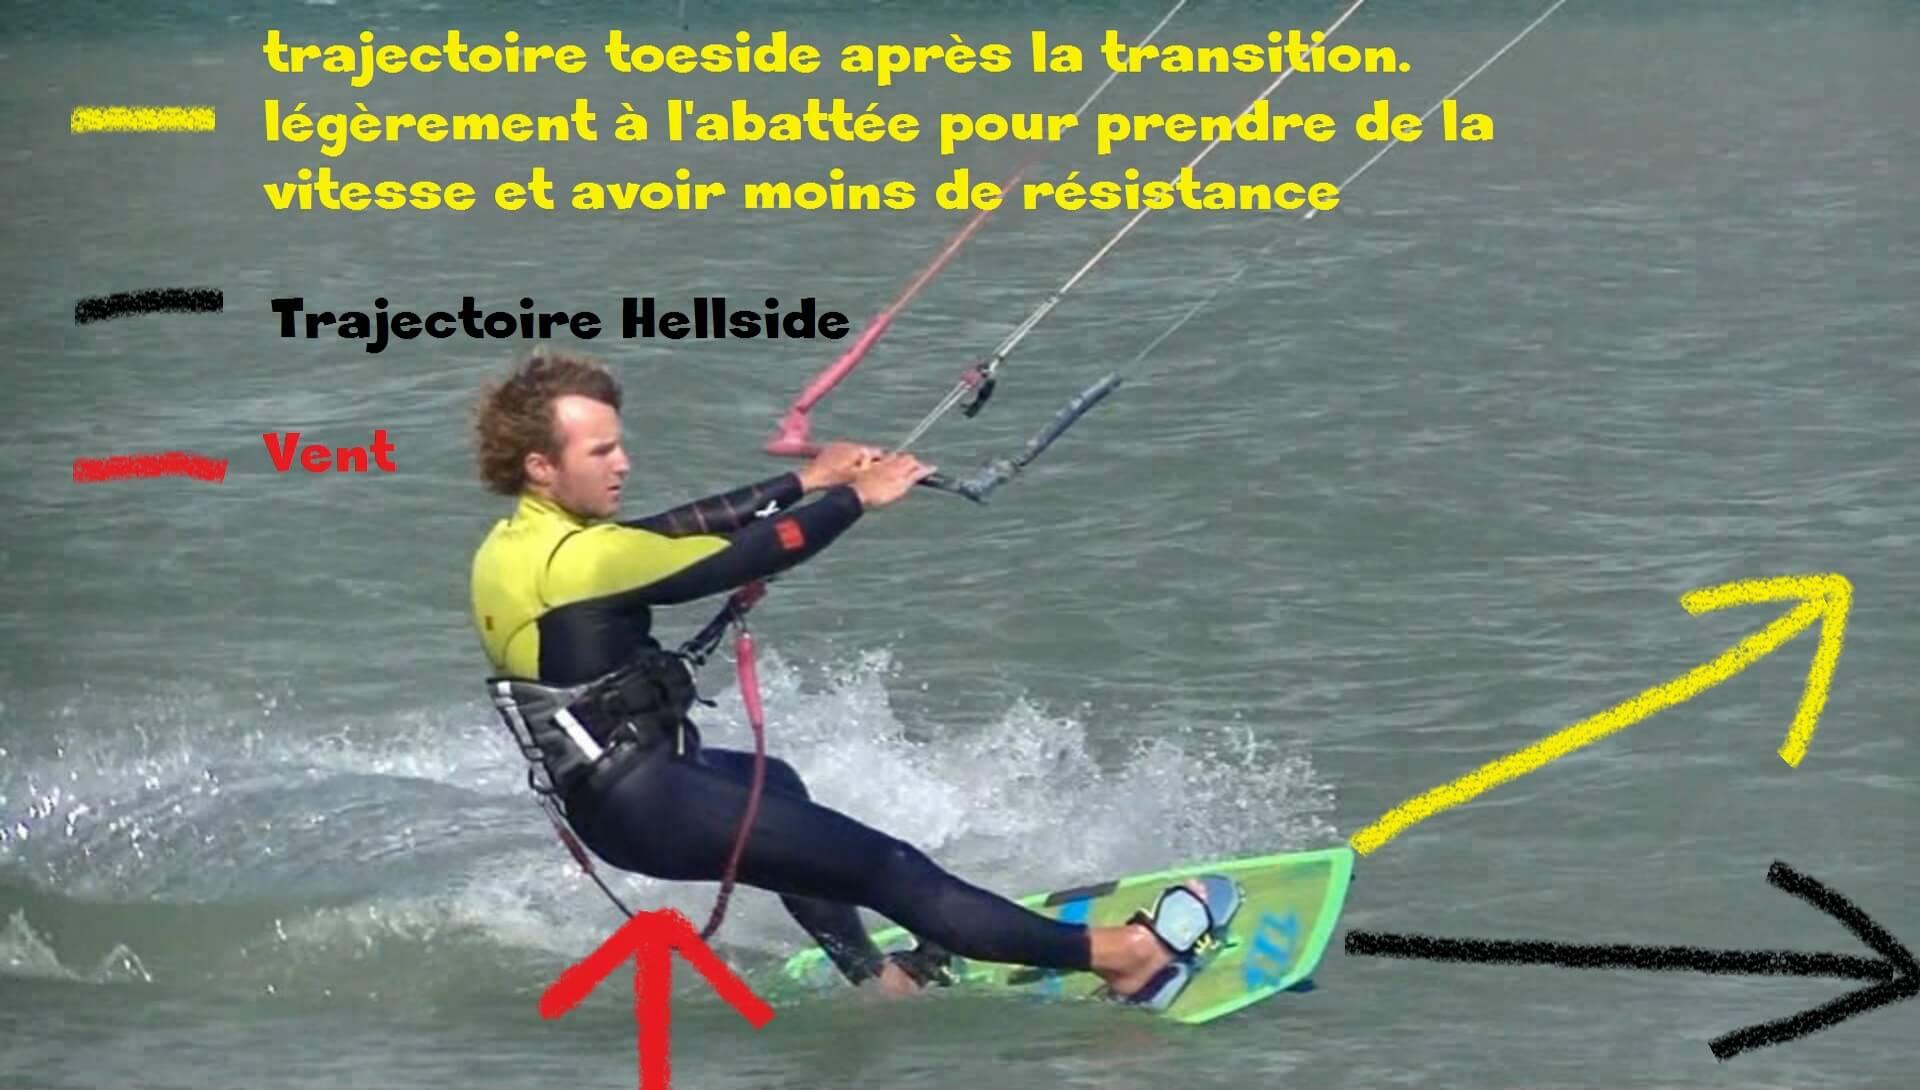 toeside kitesurf